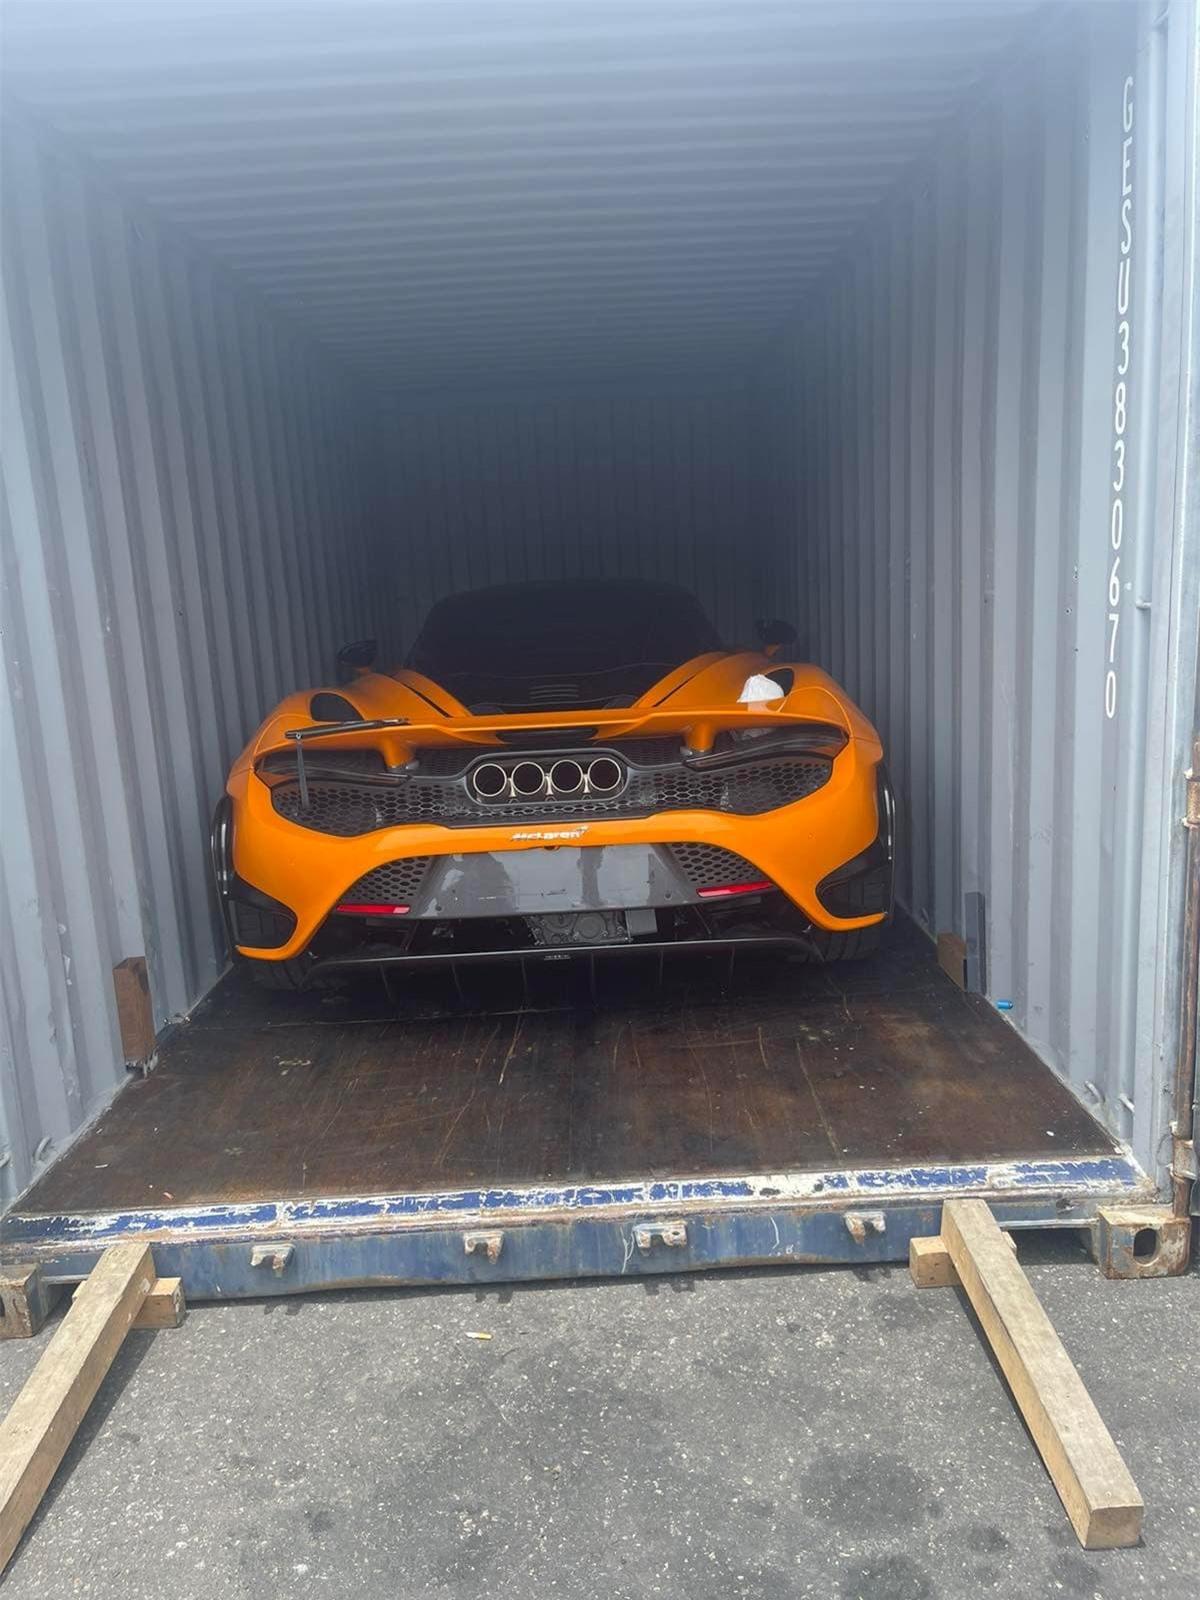 McLaren 765LT có giá bán khởi điểm ở nước ngoài vào khoảng 368.000 USD. Tại Việt Nam, giá bán của xe chưa được công bố./.